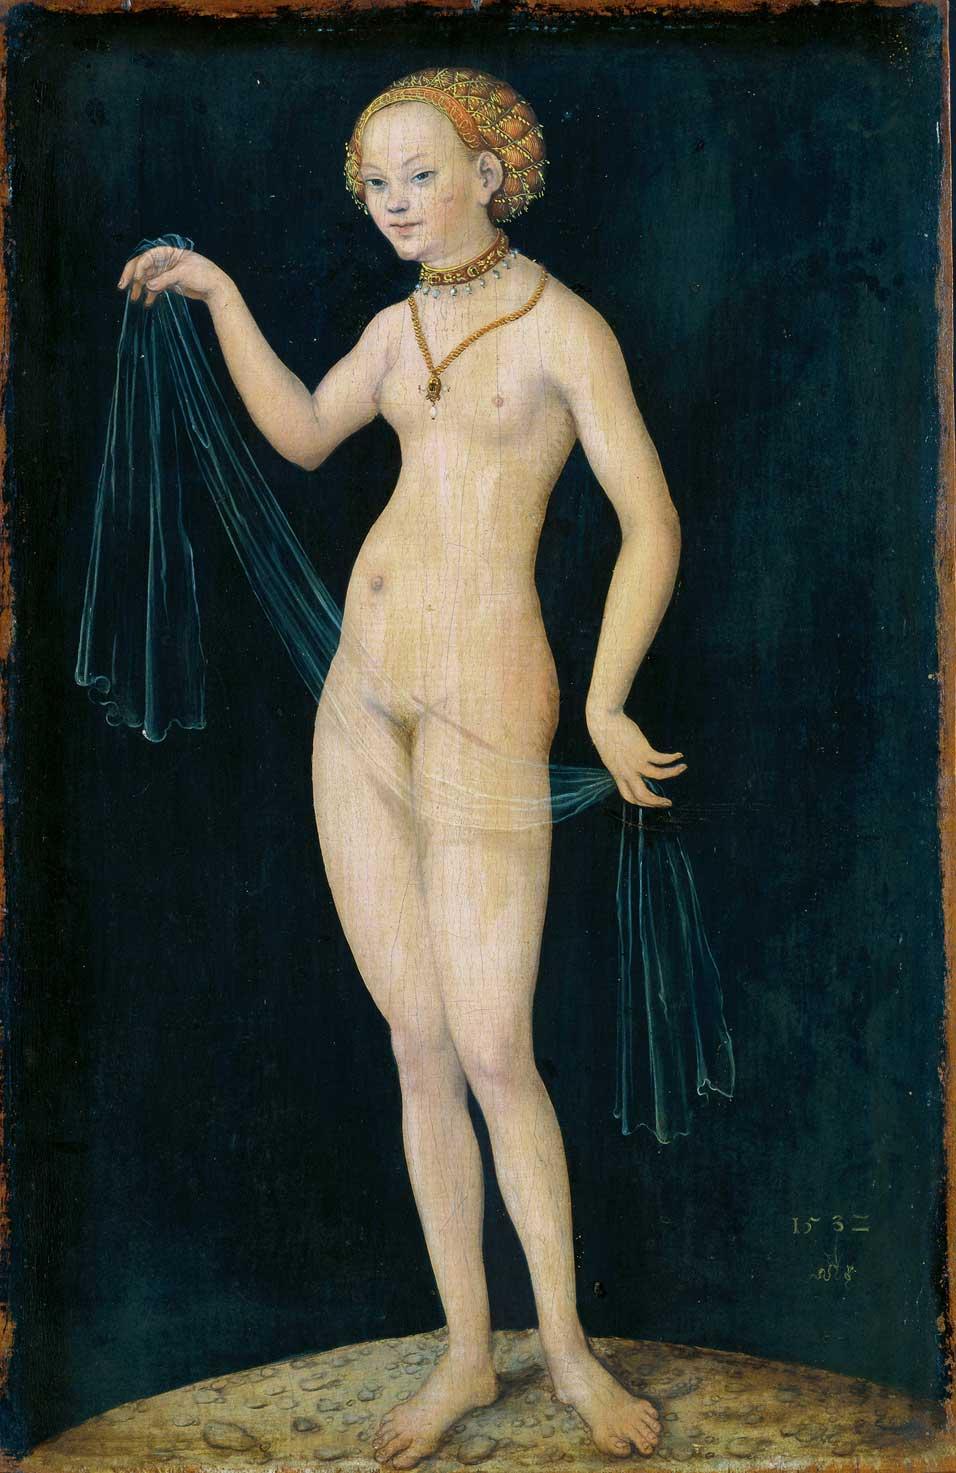 \x26quot;Venus\x26quot; By Lucas Cranach the Elder ...